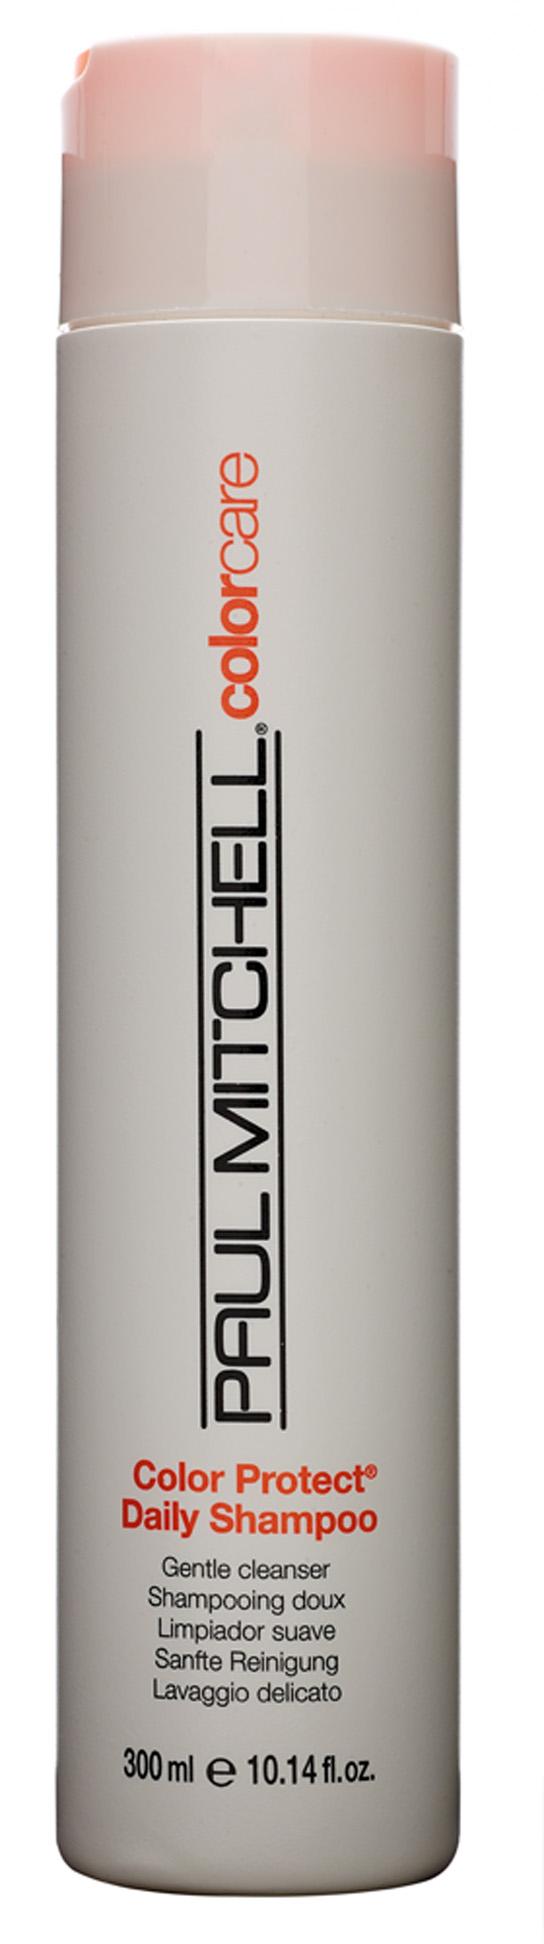 10. Color Protect Daily Shampoo, R$ 43,50:  dá força e elasticidade aos cabelos, protegendo-os dos raios solares. Paul Mitchell (11) 5188-0088